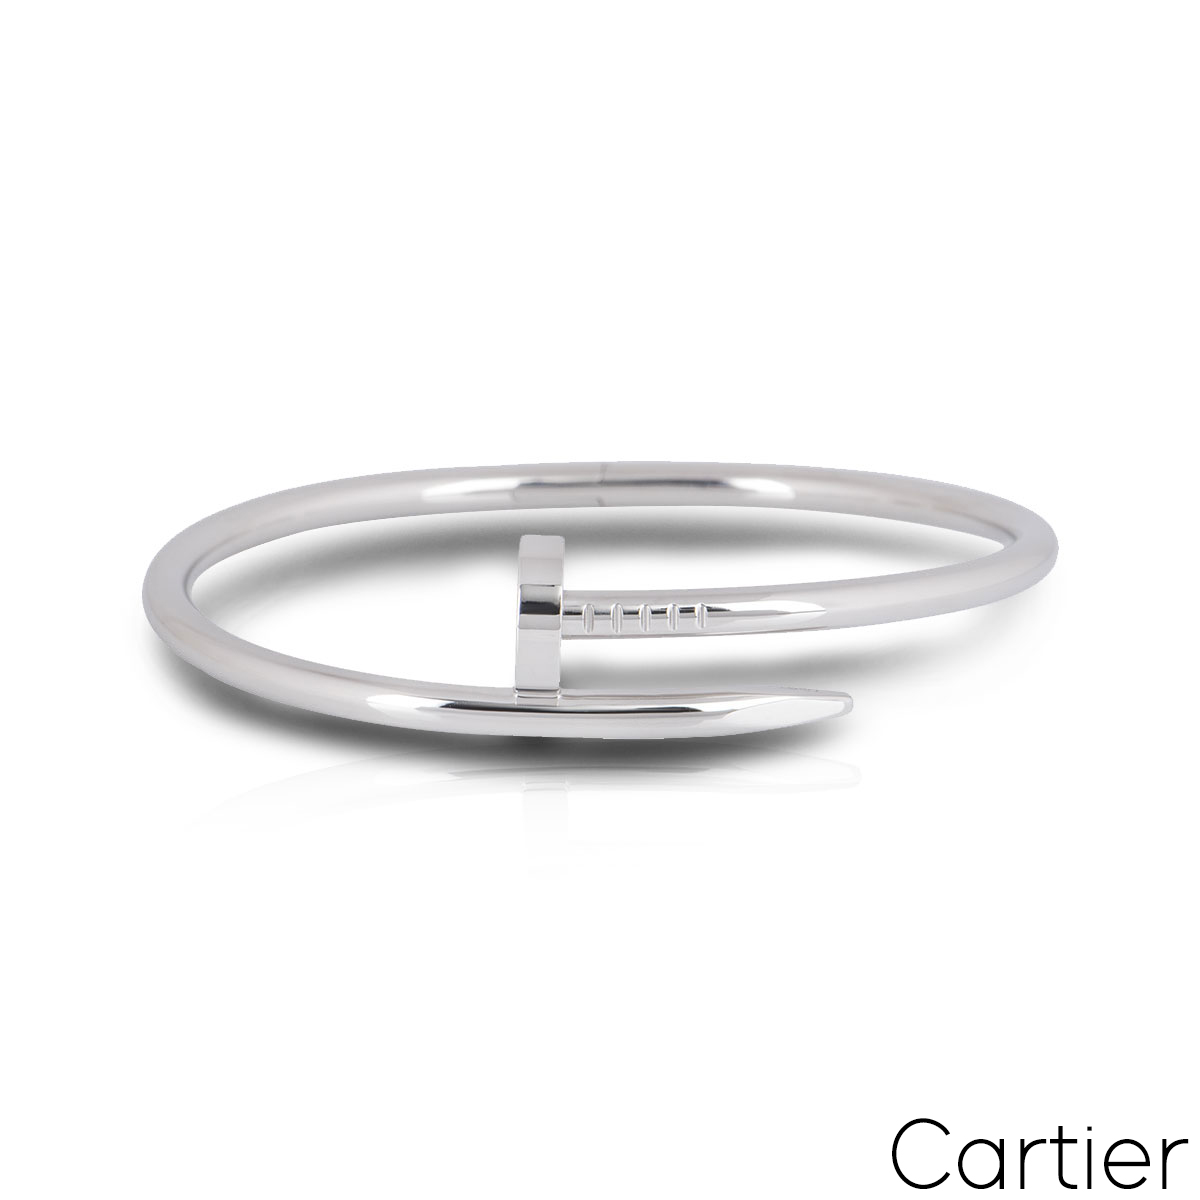 Cartier White Gold Plain Juste Un Clou Bracelet Size 20 B6048320